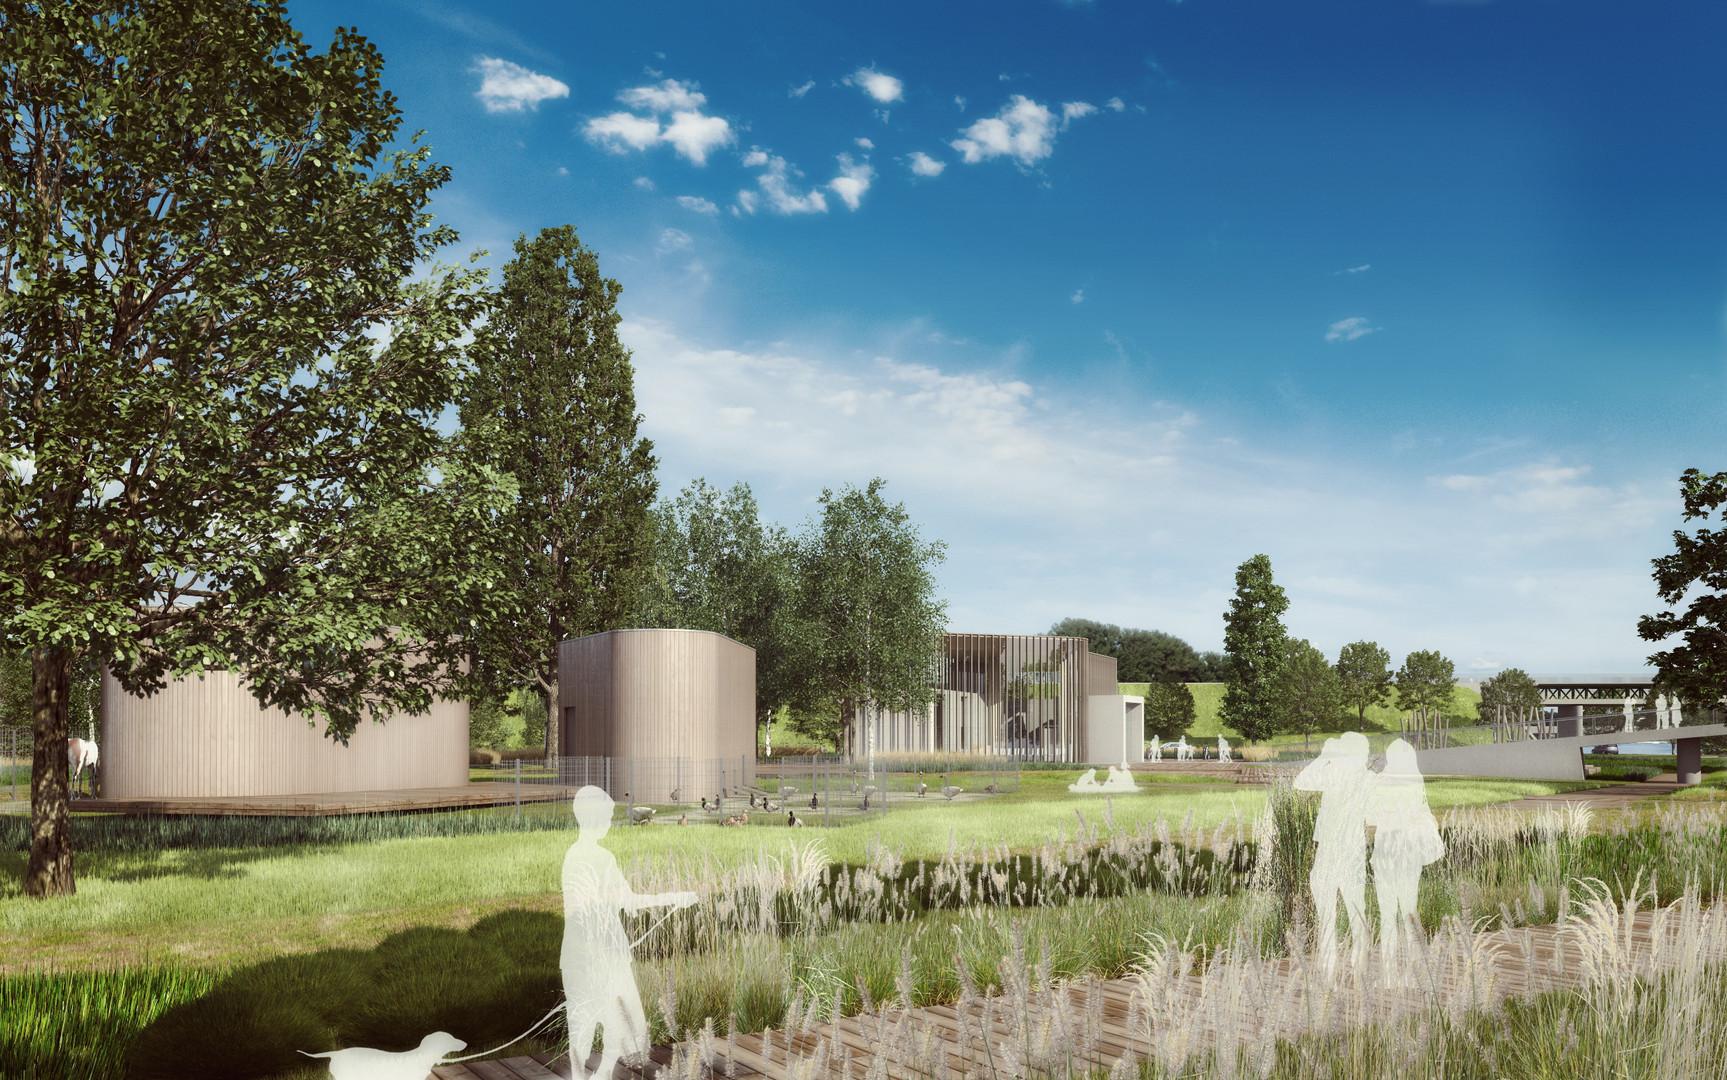 Konkursnaopracowanie koncepcji architektonicznej pawilonu edukacyjnego wraz zzagospodarowaniem terenu, polaną rekreacyjną oraz obiektami towarzyszącymi naterenie Golędzinowa wWarszawie